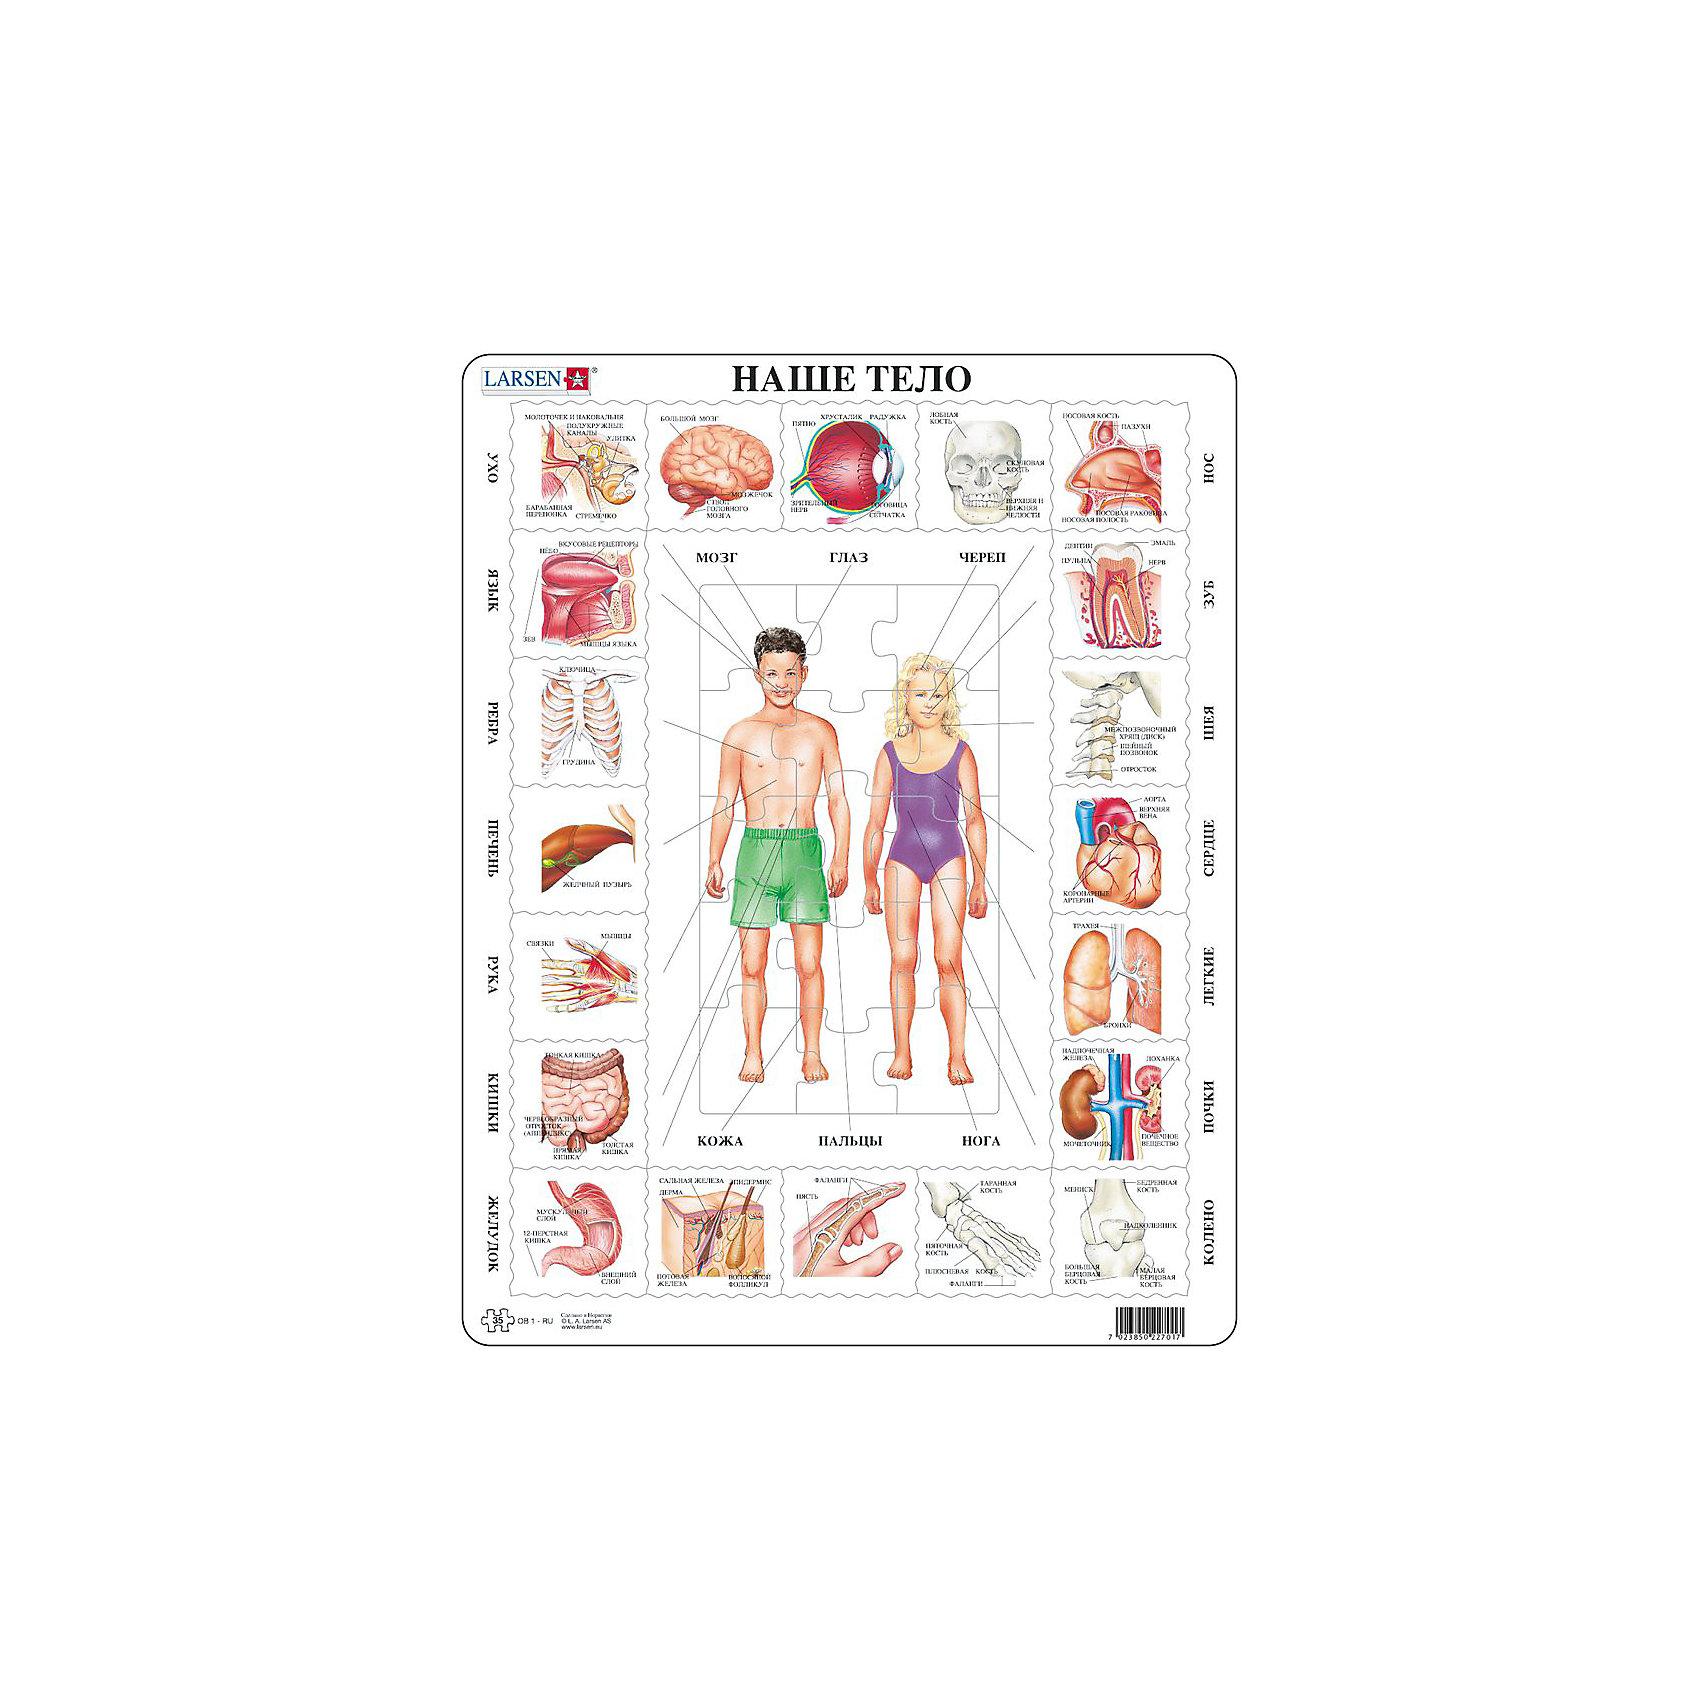 Пазл Наше тело,  Larsen, 35 деталейПазлы для малышей<br>Пазл «Наше тело», Larsen (Ларсен), 35 деталей – развивающий пазл, который в игровой форме познакомит ребенка с анатомией человека.<br><br>В центре пазла изображены фигуры мальчика и девочки, которые необходимо собрать. А по бокам пазла подписаны названия различных органов человека- сердце, почки, желудок, язык и т.д. К ним нужно подобрать соответствующие картинки. Пазл выполнен из высококачественного трехслойного картона, снабжен специальной подложкой, благодаря которой пазл легко собирать. Различные размеры и формы элементов способствуют развитию мелкой моторики ребенка.<br><br>Дополнительная информация:<br><br>- количество деталей: 35 шт.<br>- размер: 36,5х28,5 см<br>- вес: 300 г<br>- материал: плотный картон<br><br>Пазл «Наше тело», Larsen (Ларсен), 35 деталей – увлекательная и познавательная игра, с которой ребенок узнает много интересного о человеческом теле.<br><br>Пазл «Наше тело», Larsen (Ларсен), 35 деталей можно купить в нашем магазине.<br><br>Ширина мм: 360<br>Глубина мм: 360<br>Высота мм: 280<br>Вес г: 100<br>Возраст от месяцев: 36<br>Возраст до месяцев: 60<br>Пол: Унисекс<br>Возраст: Детский<br>Количество деталей: 35<br>SKU: 3610576